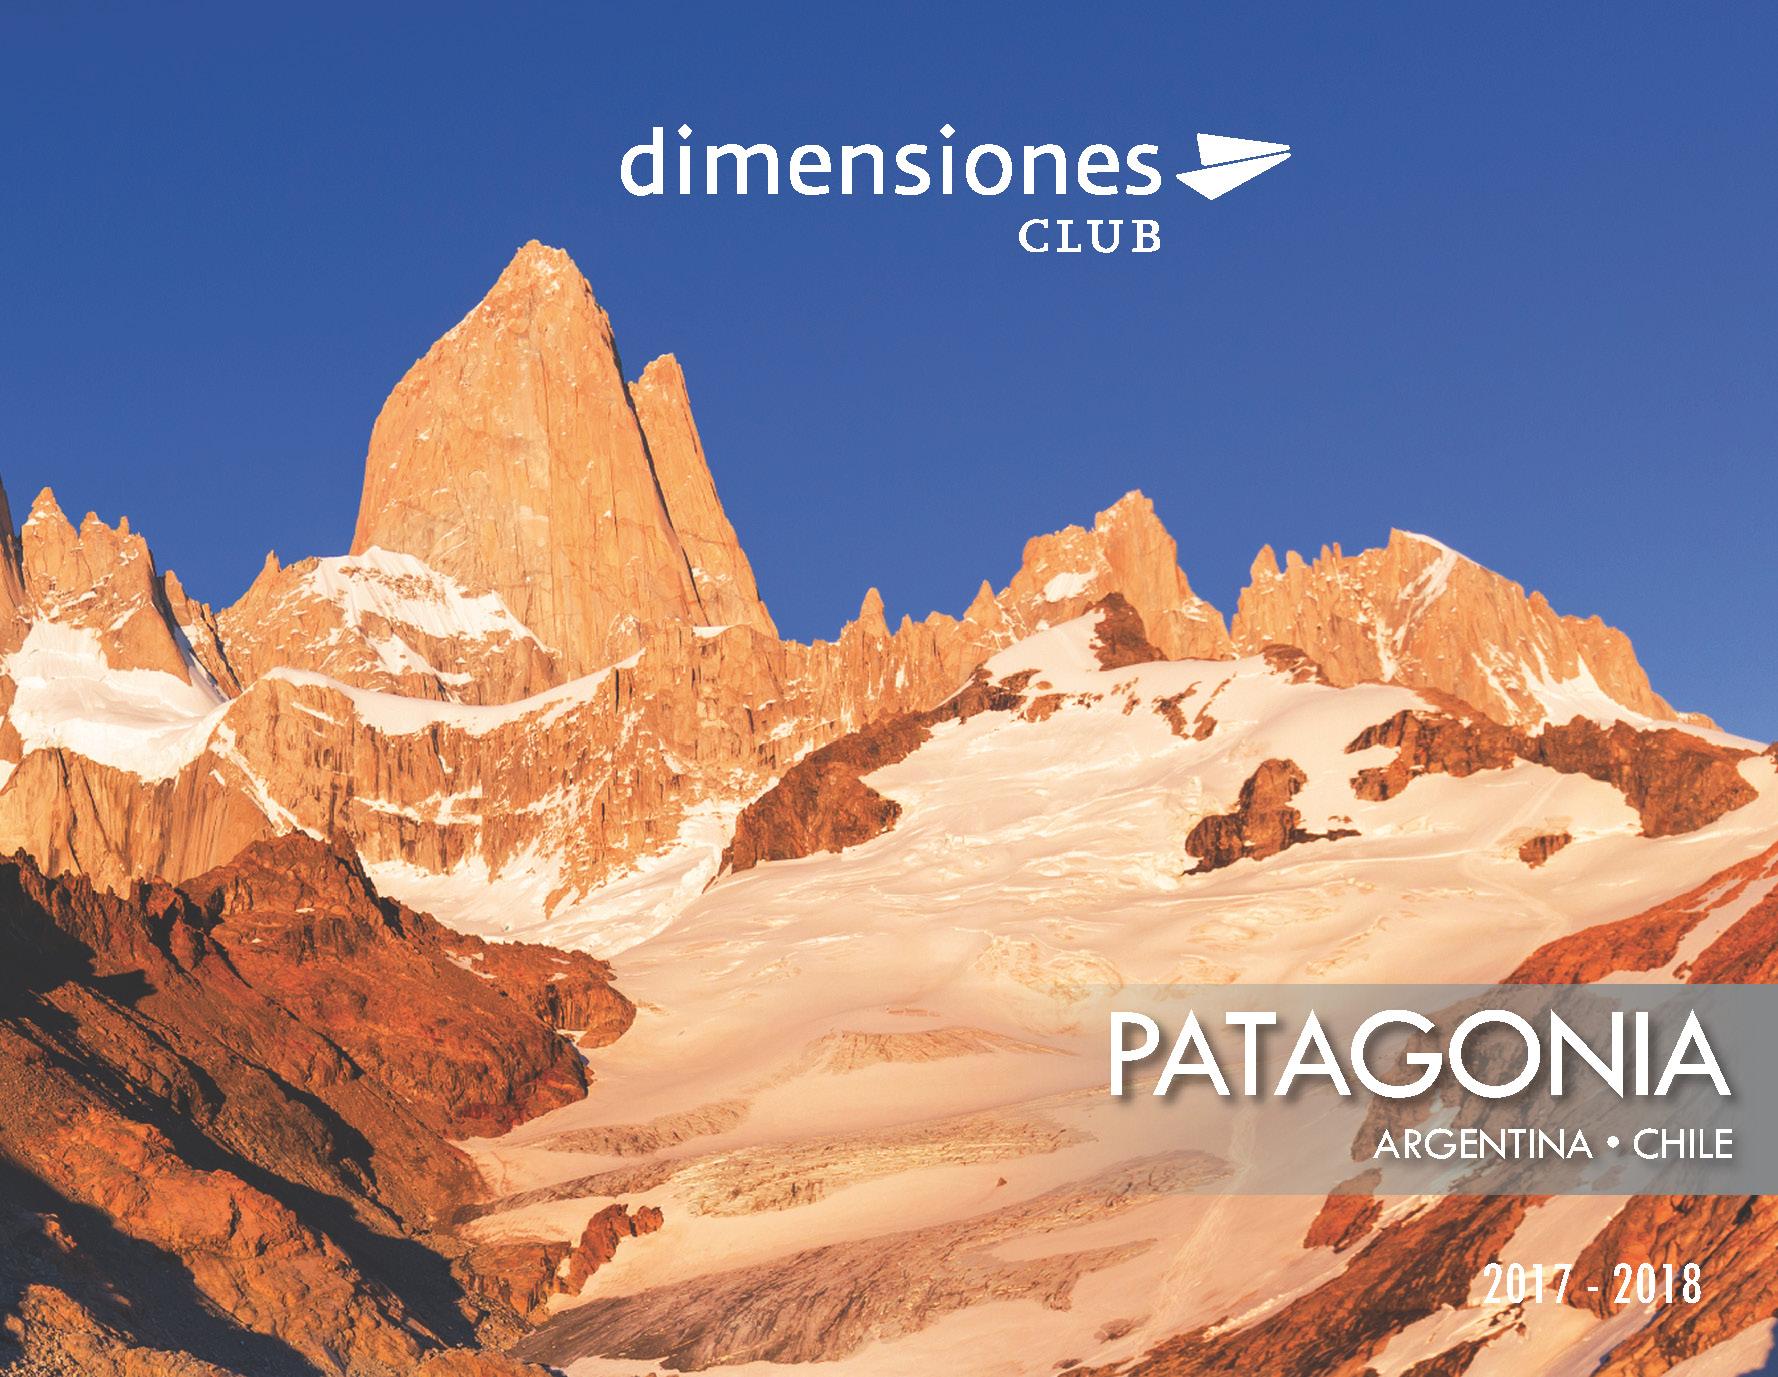 Catalogo Dimensiones Club Argentina y Chile 2017-2018